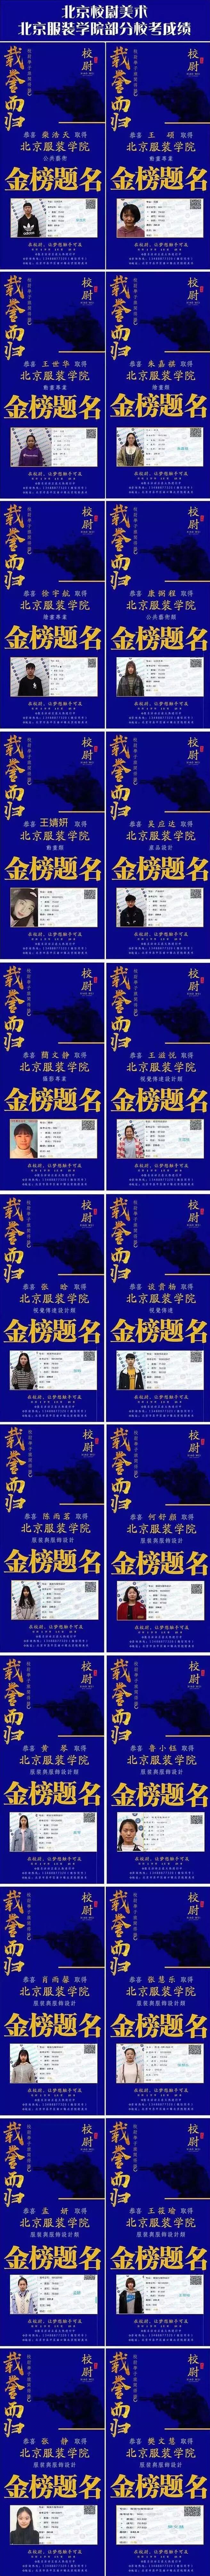 校尉画室:寒假班招生简章 | 预报名2020年集训豪礼重重!,北京画室,北京美术培训     36